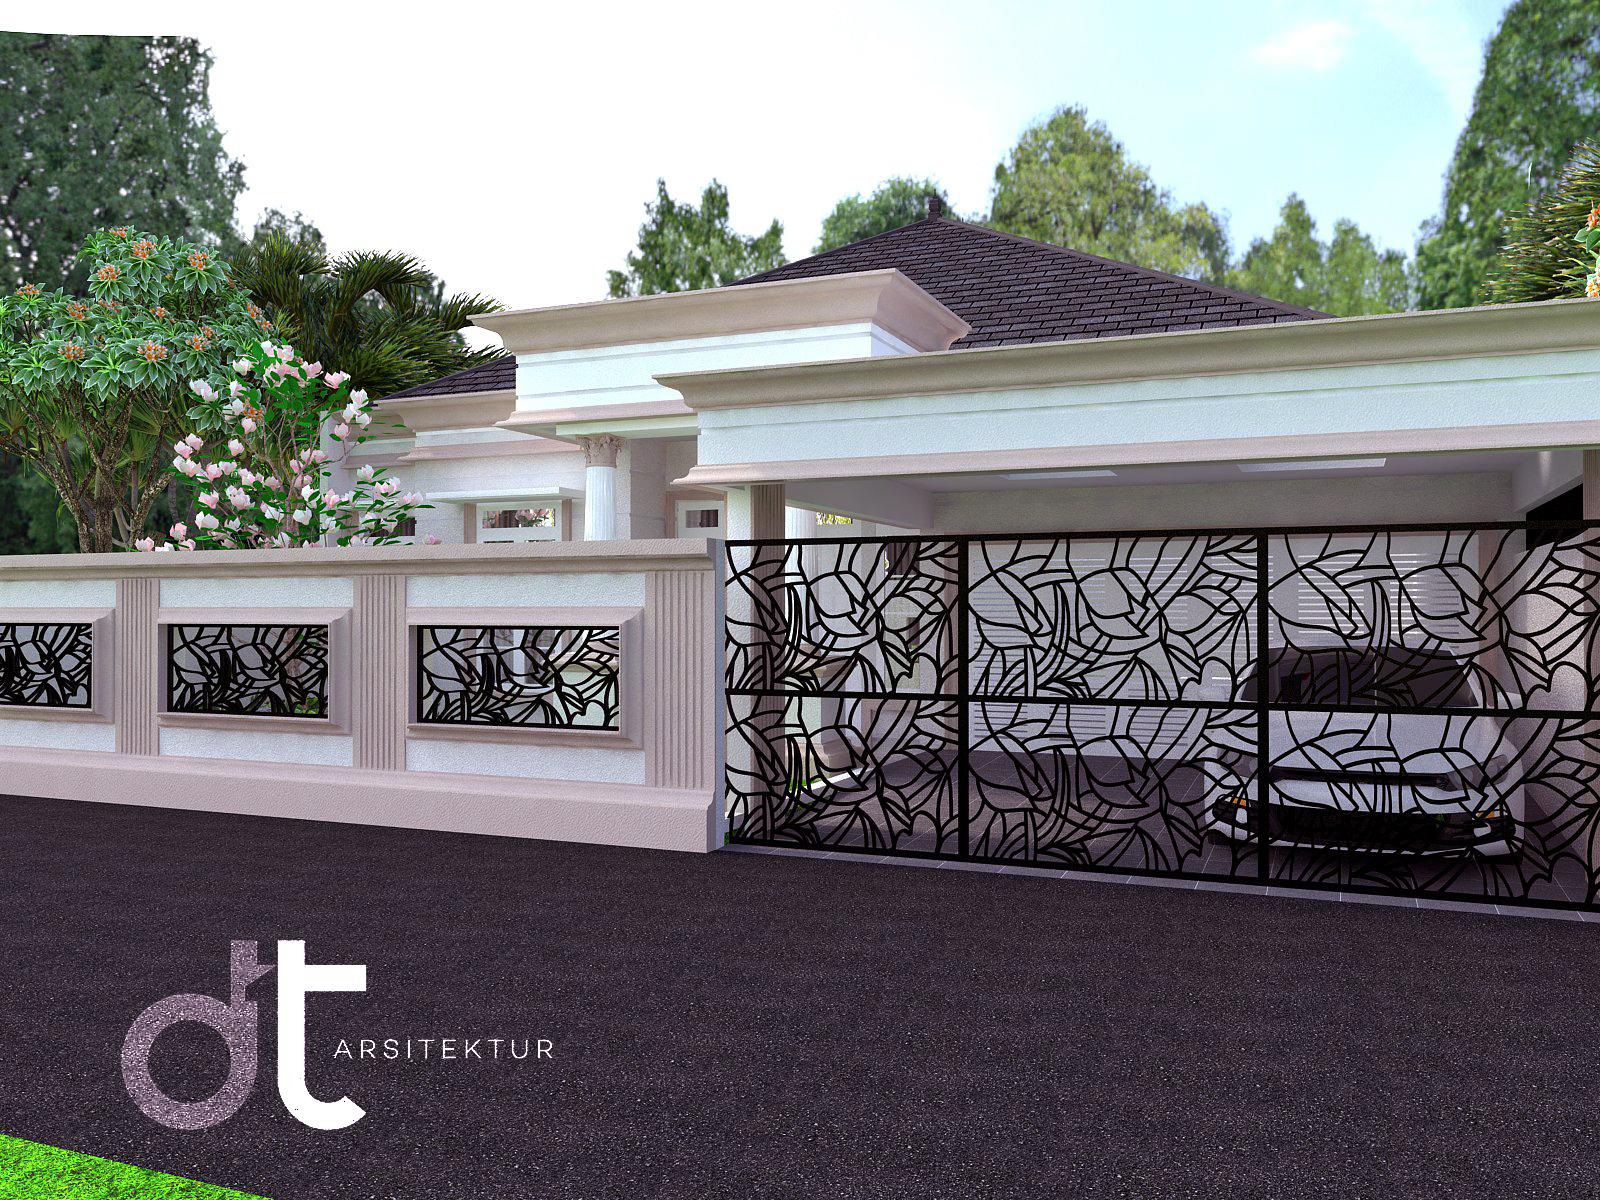 Desain Dan Pelaksanaan Arsitektur Rumah Kota Depok